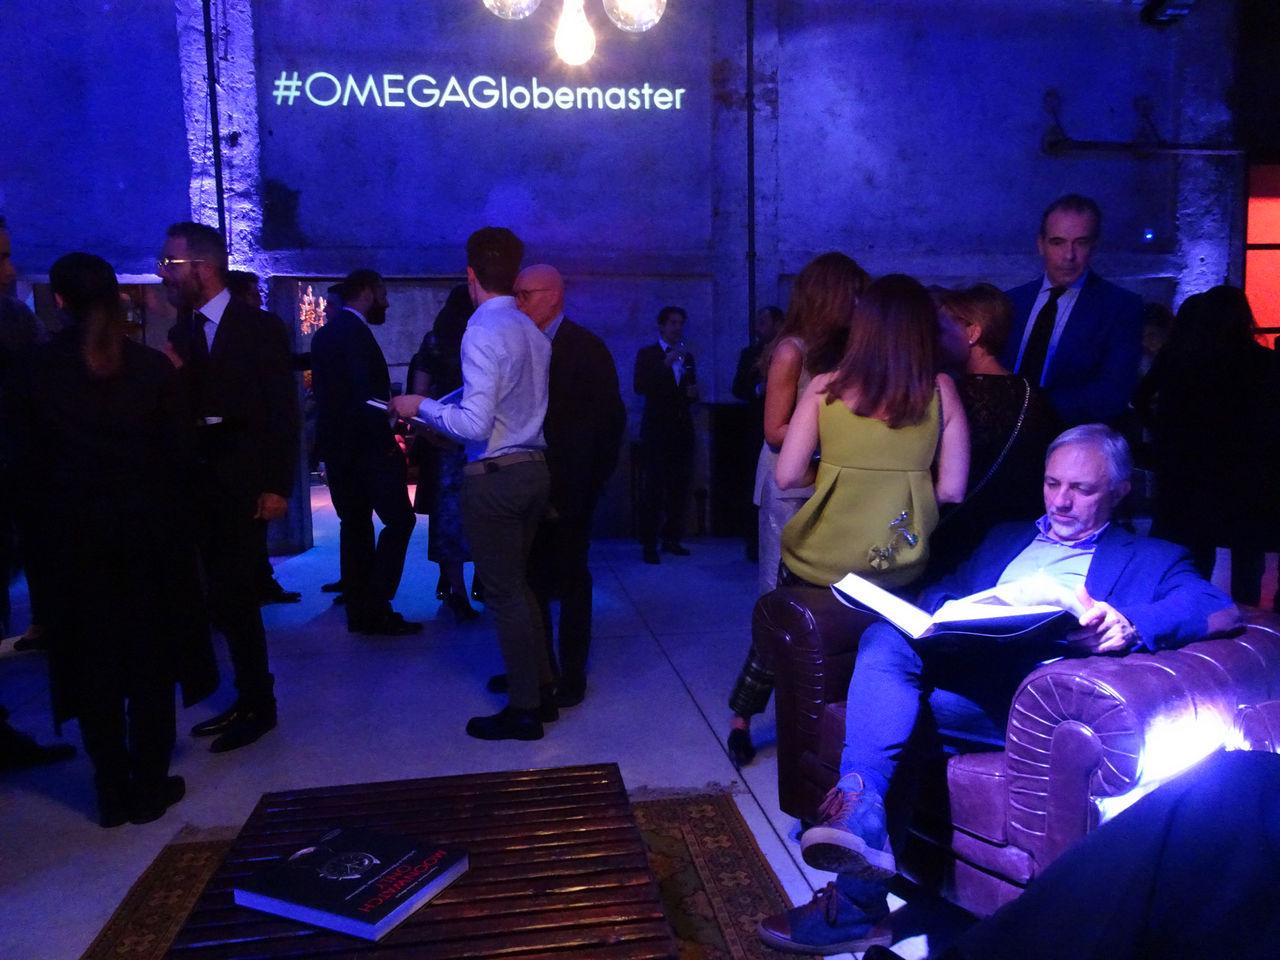 omega-presenta-la-collezione-globemaster-cracco-nina-zilli-milano-metas_0-10013